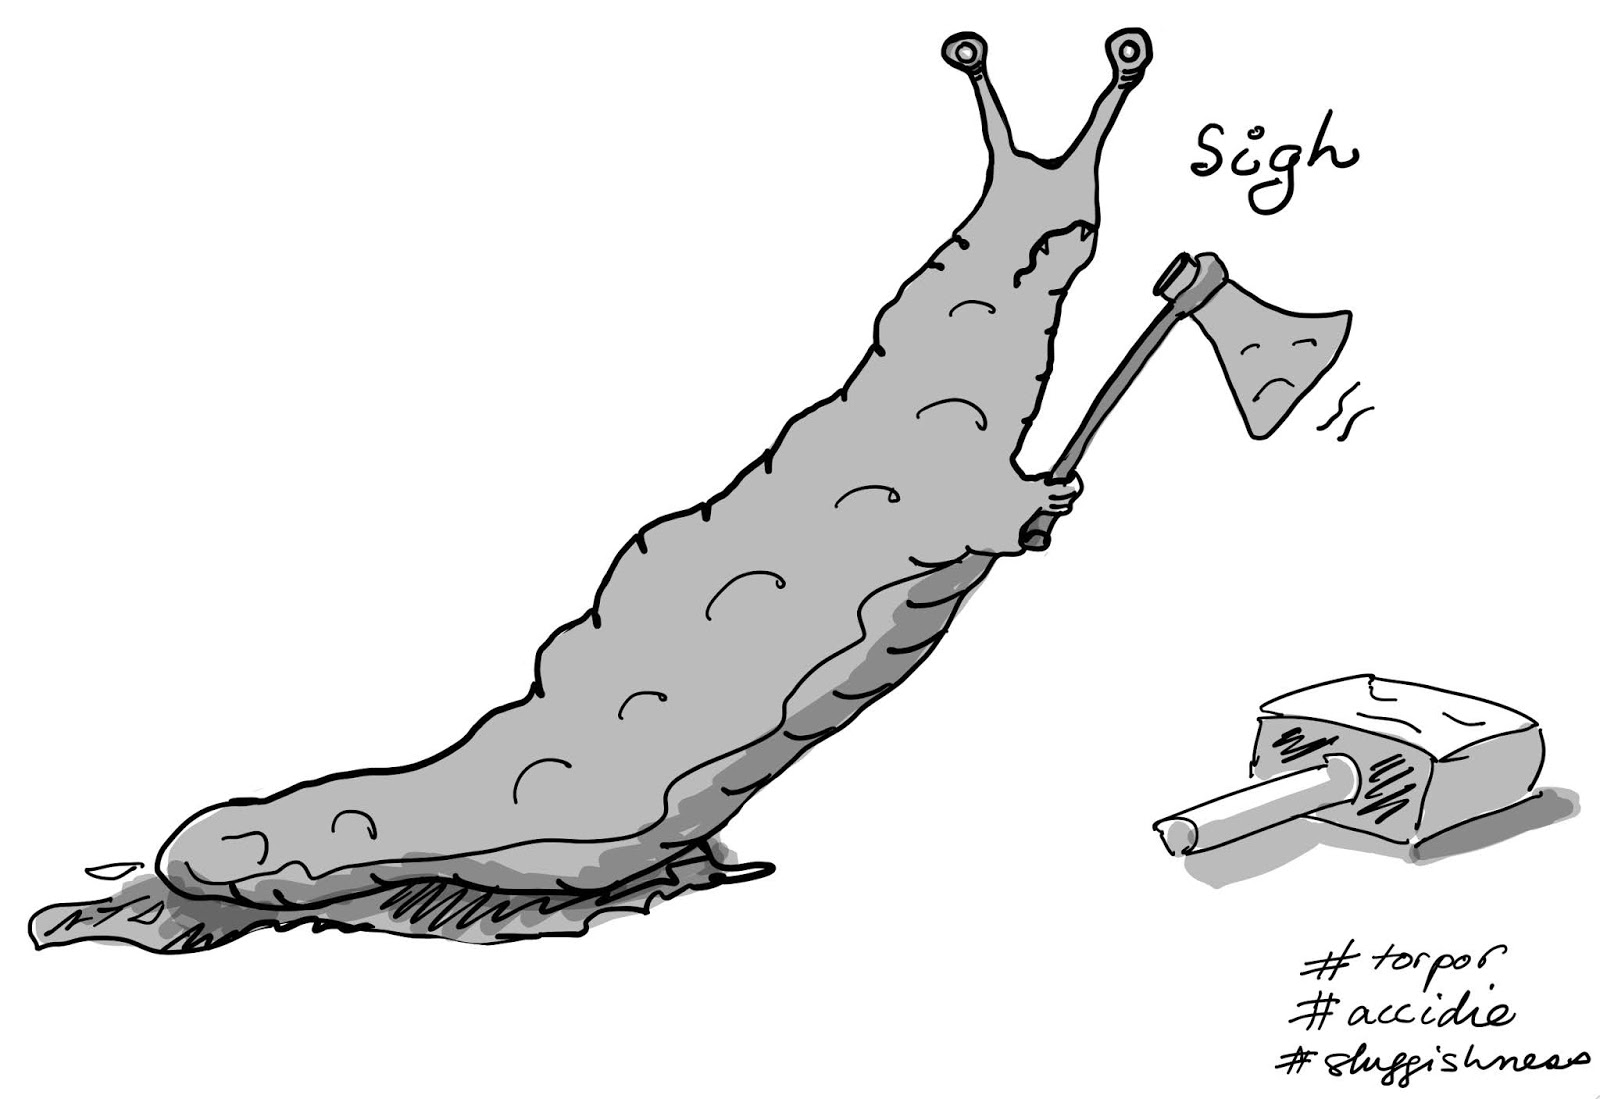 The Accidiental Slug.